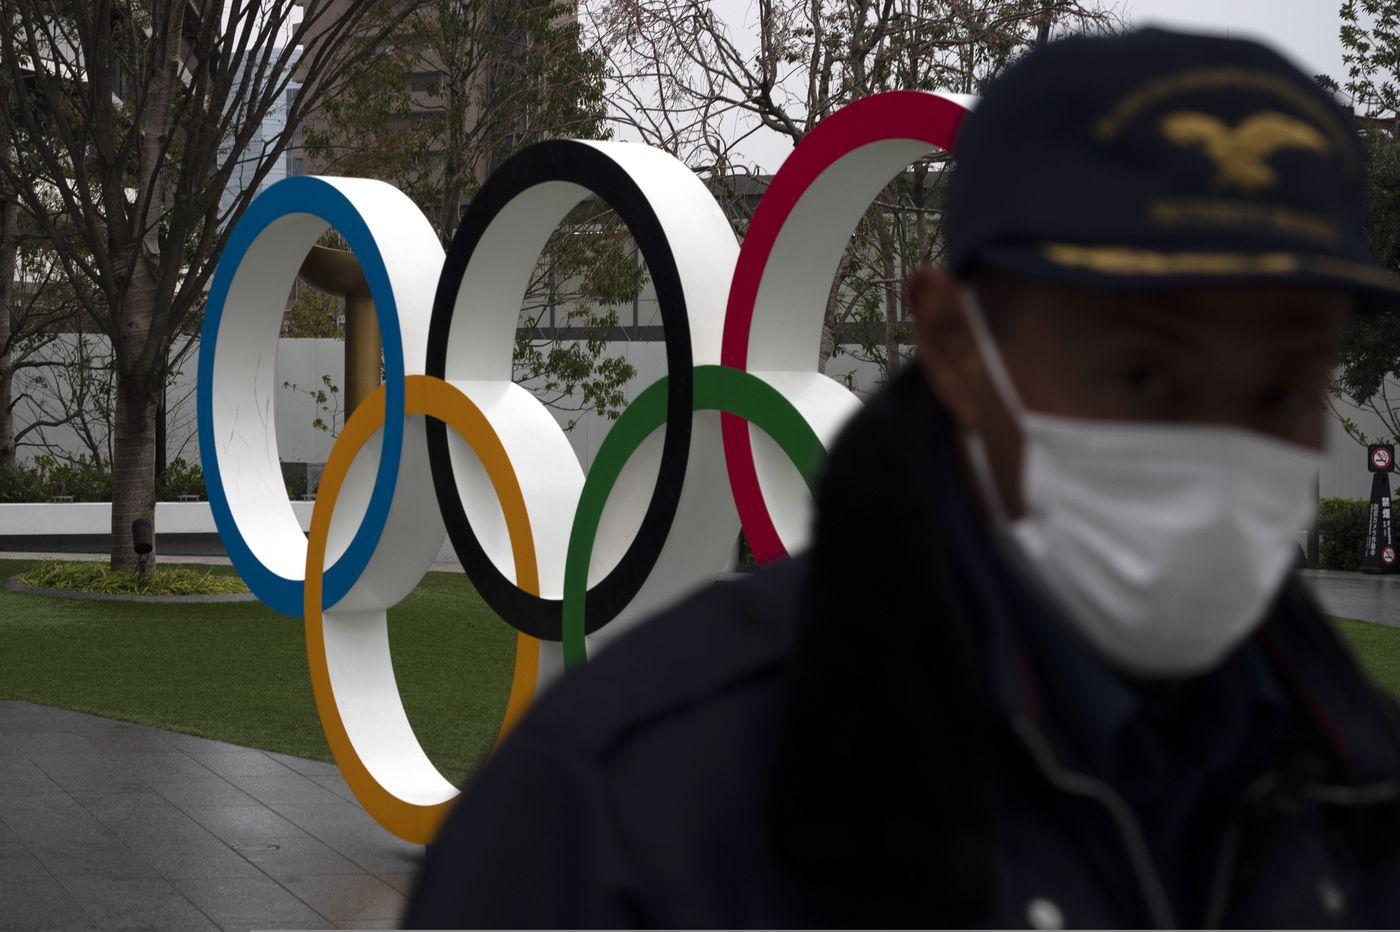 Les Jeux olympiques de Tokyo 2020 reportés à l'été 2021